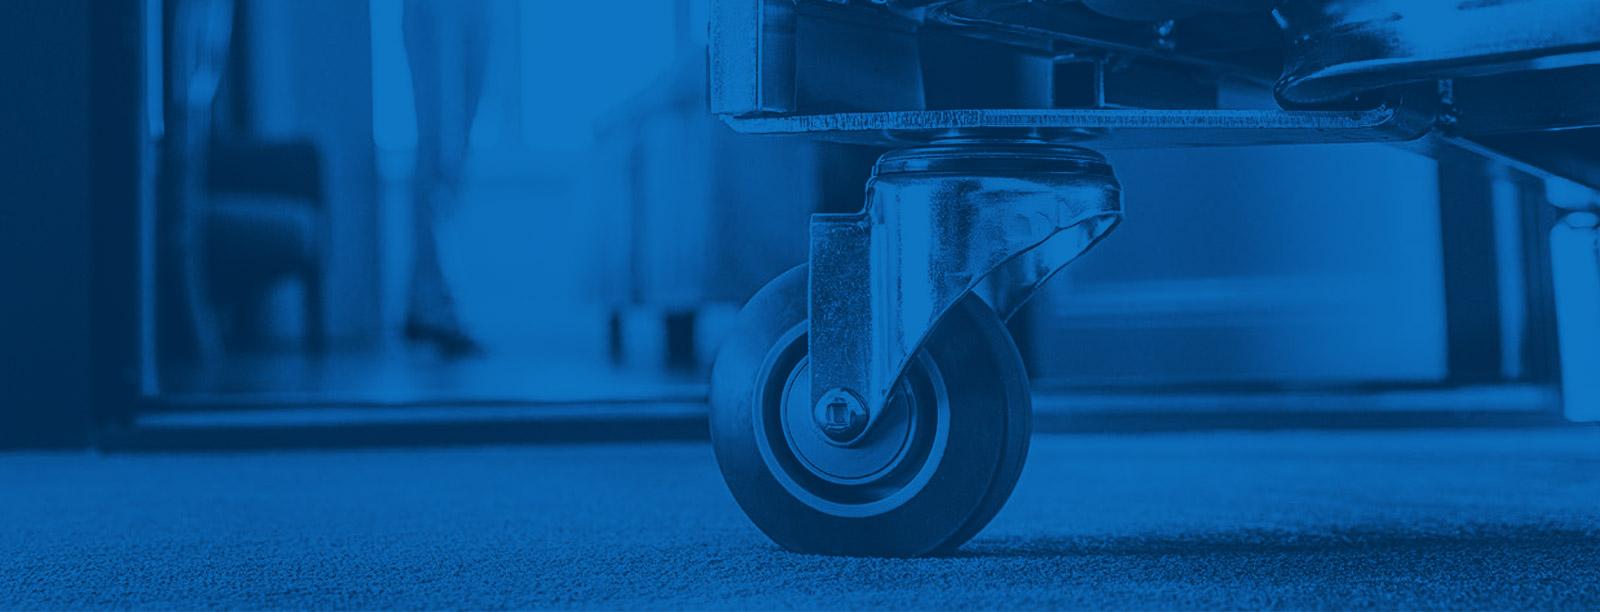 Manners tunglasthjul tål stor vikt och hårt slitage